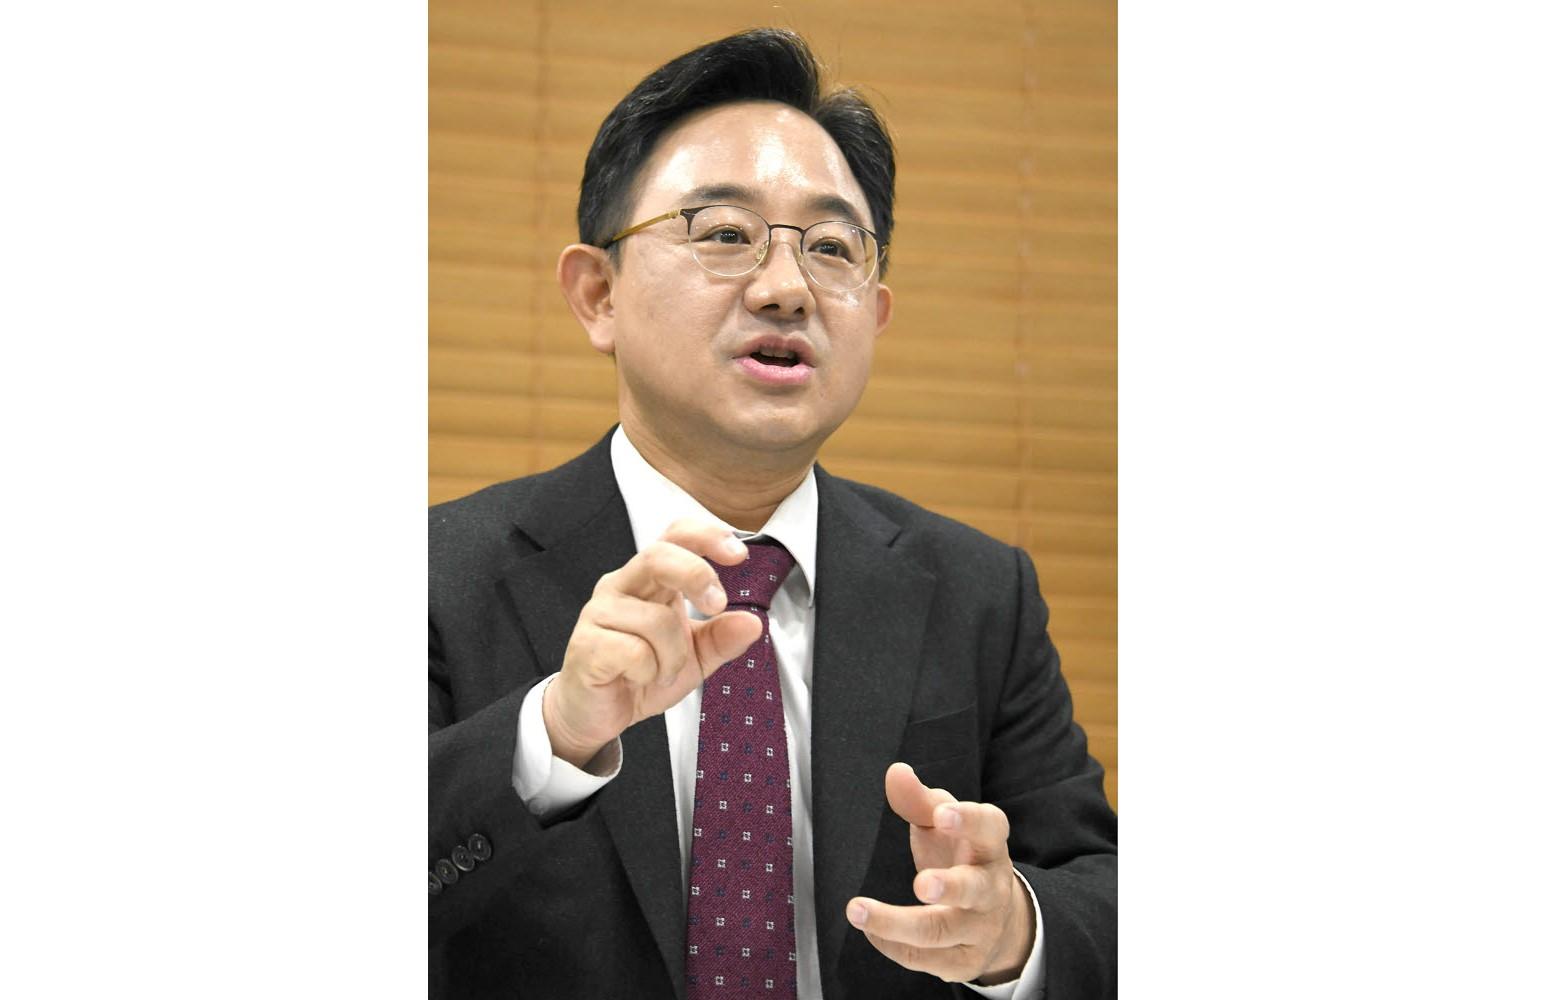 """[오늘의CEO]한동진 지슨 대표 """"매출 3배 신장 목표"""